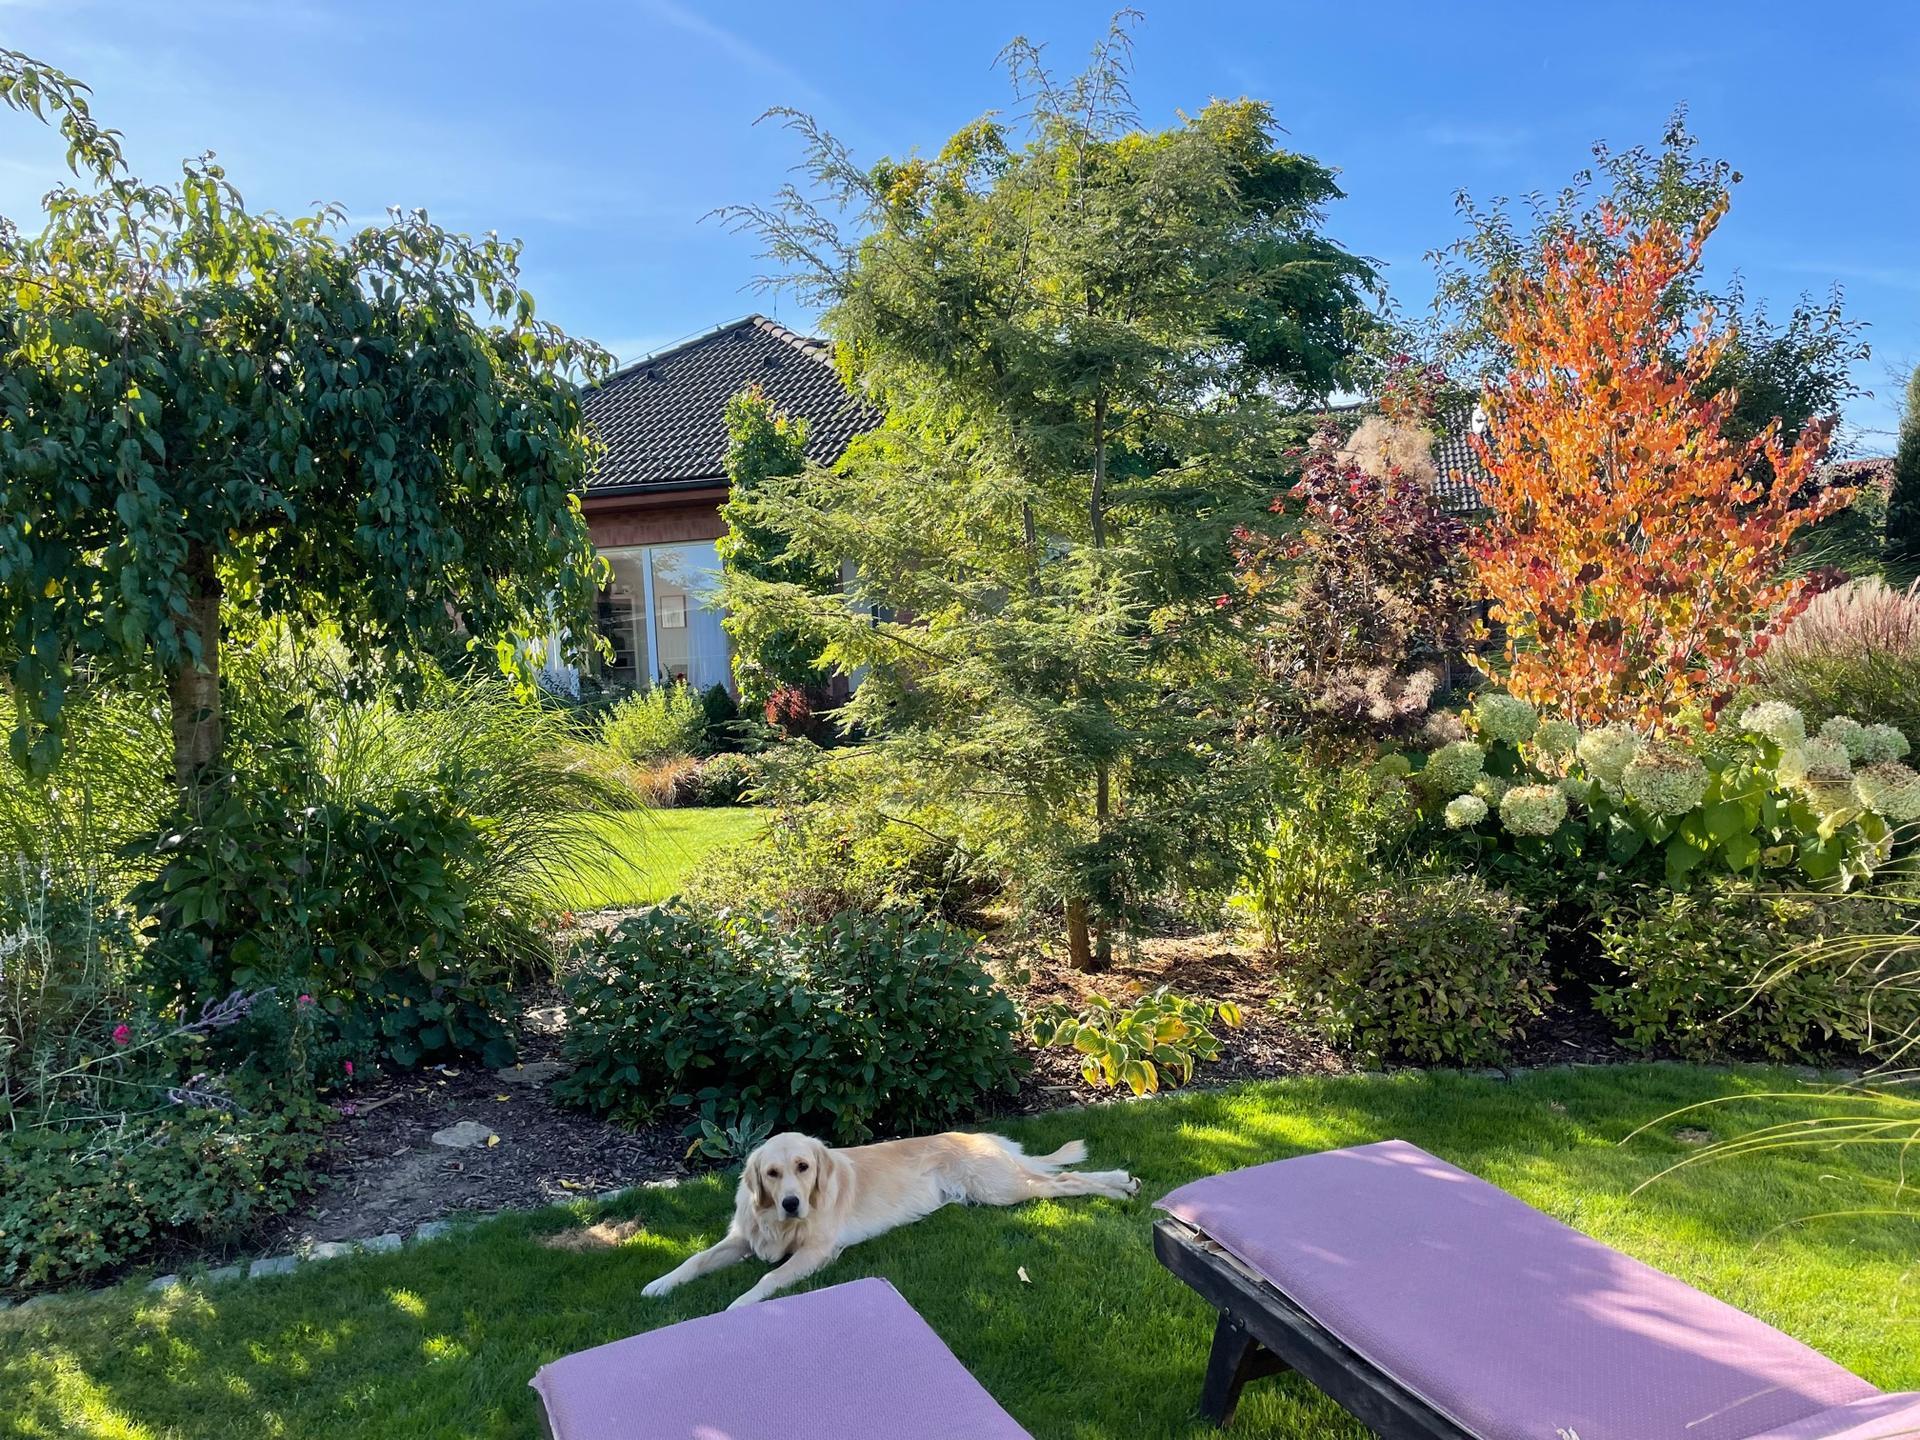 ...Naše zahrada... - …Krásný podzimní den 🍁☀️🌳🐕…